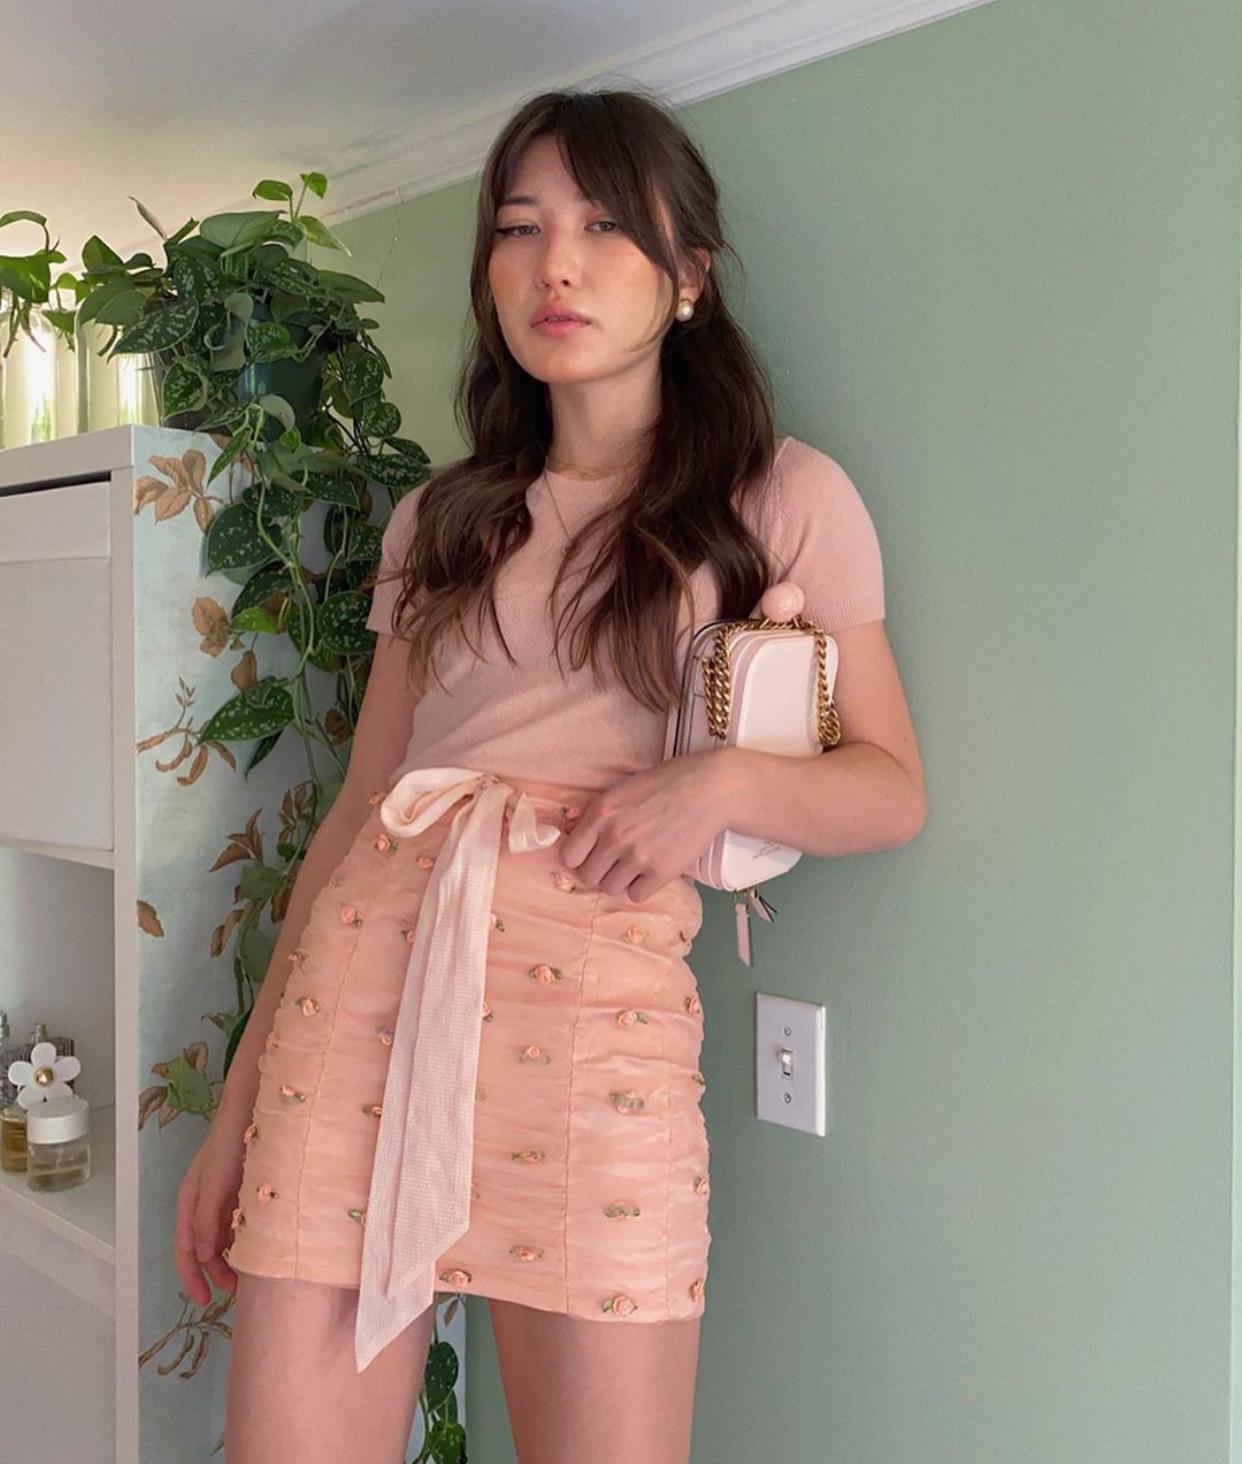 Ashley aka bestdressed mặc all pink